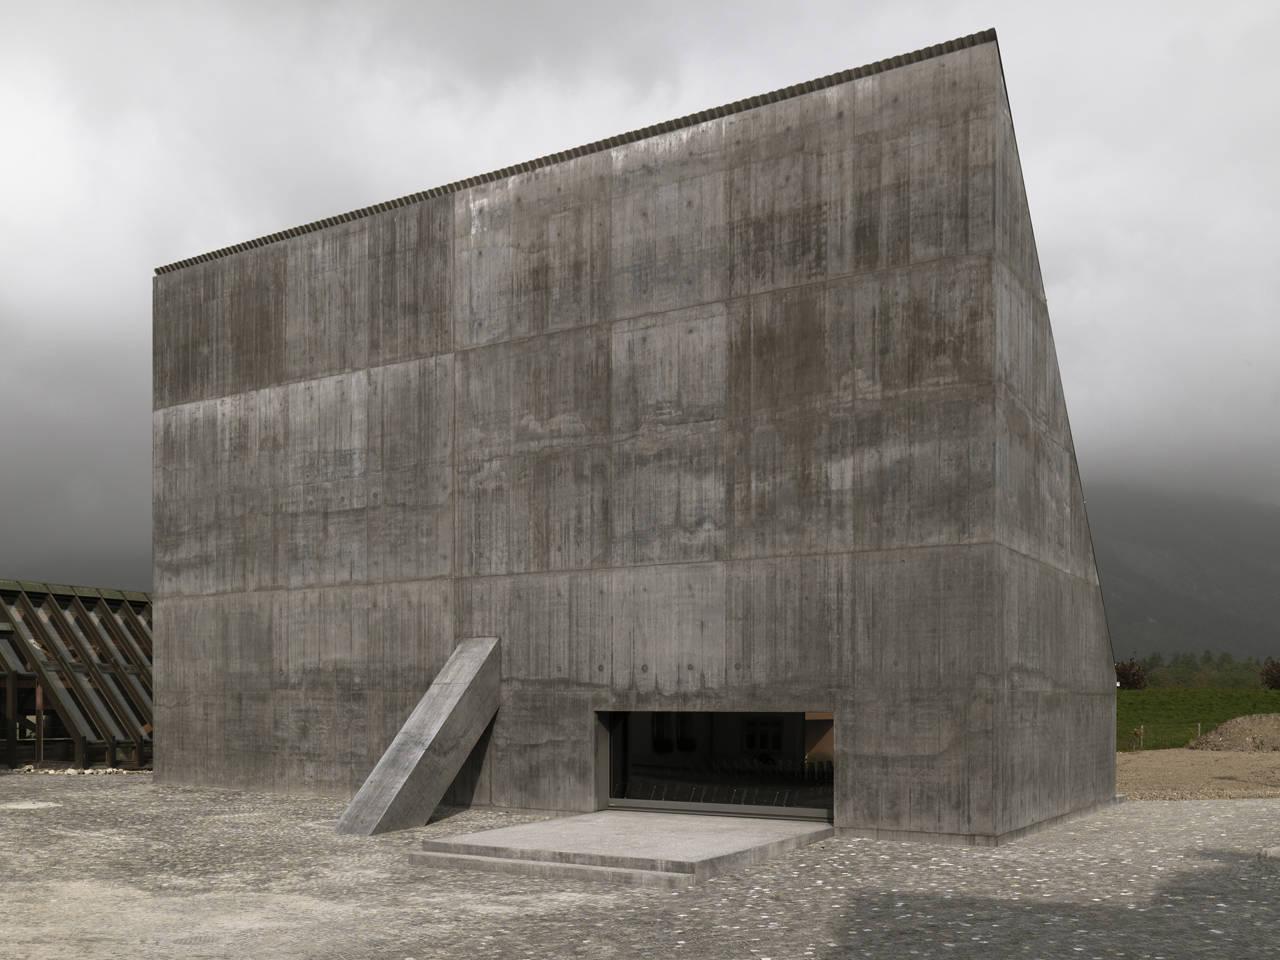 Auditório Plantahof / Valerio Olgiati , © Javier Miguel Verme